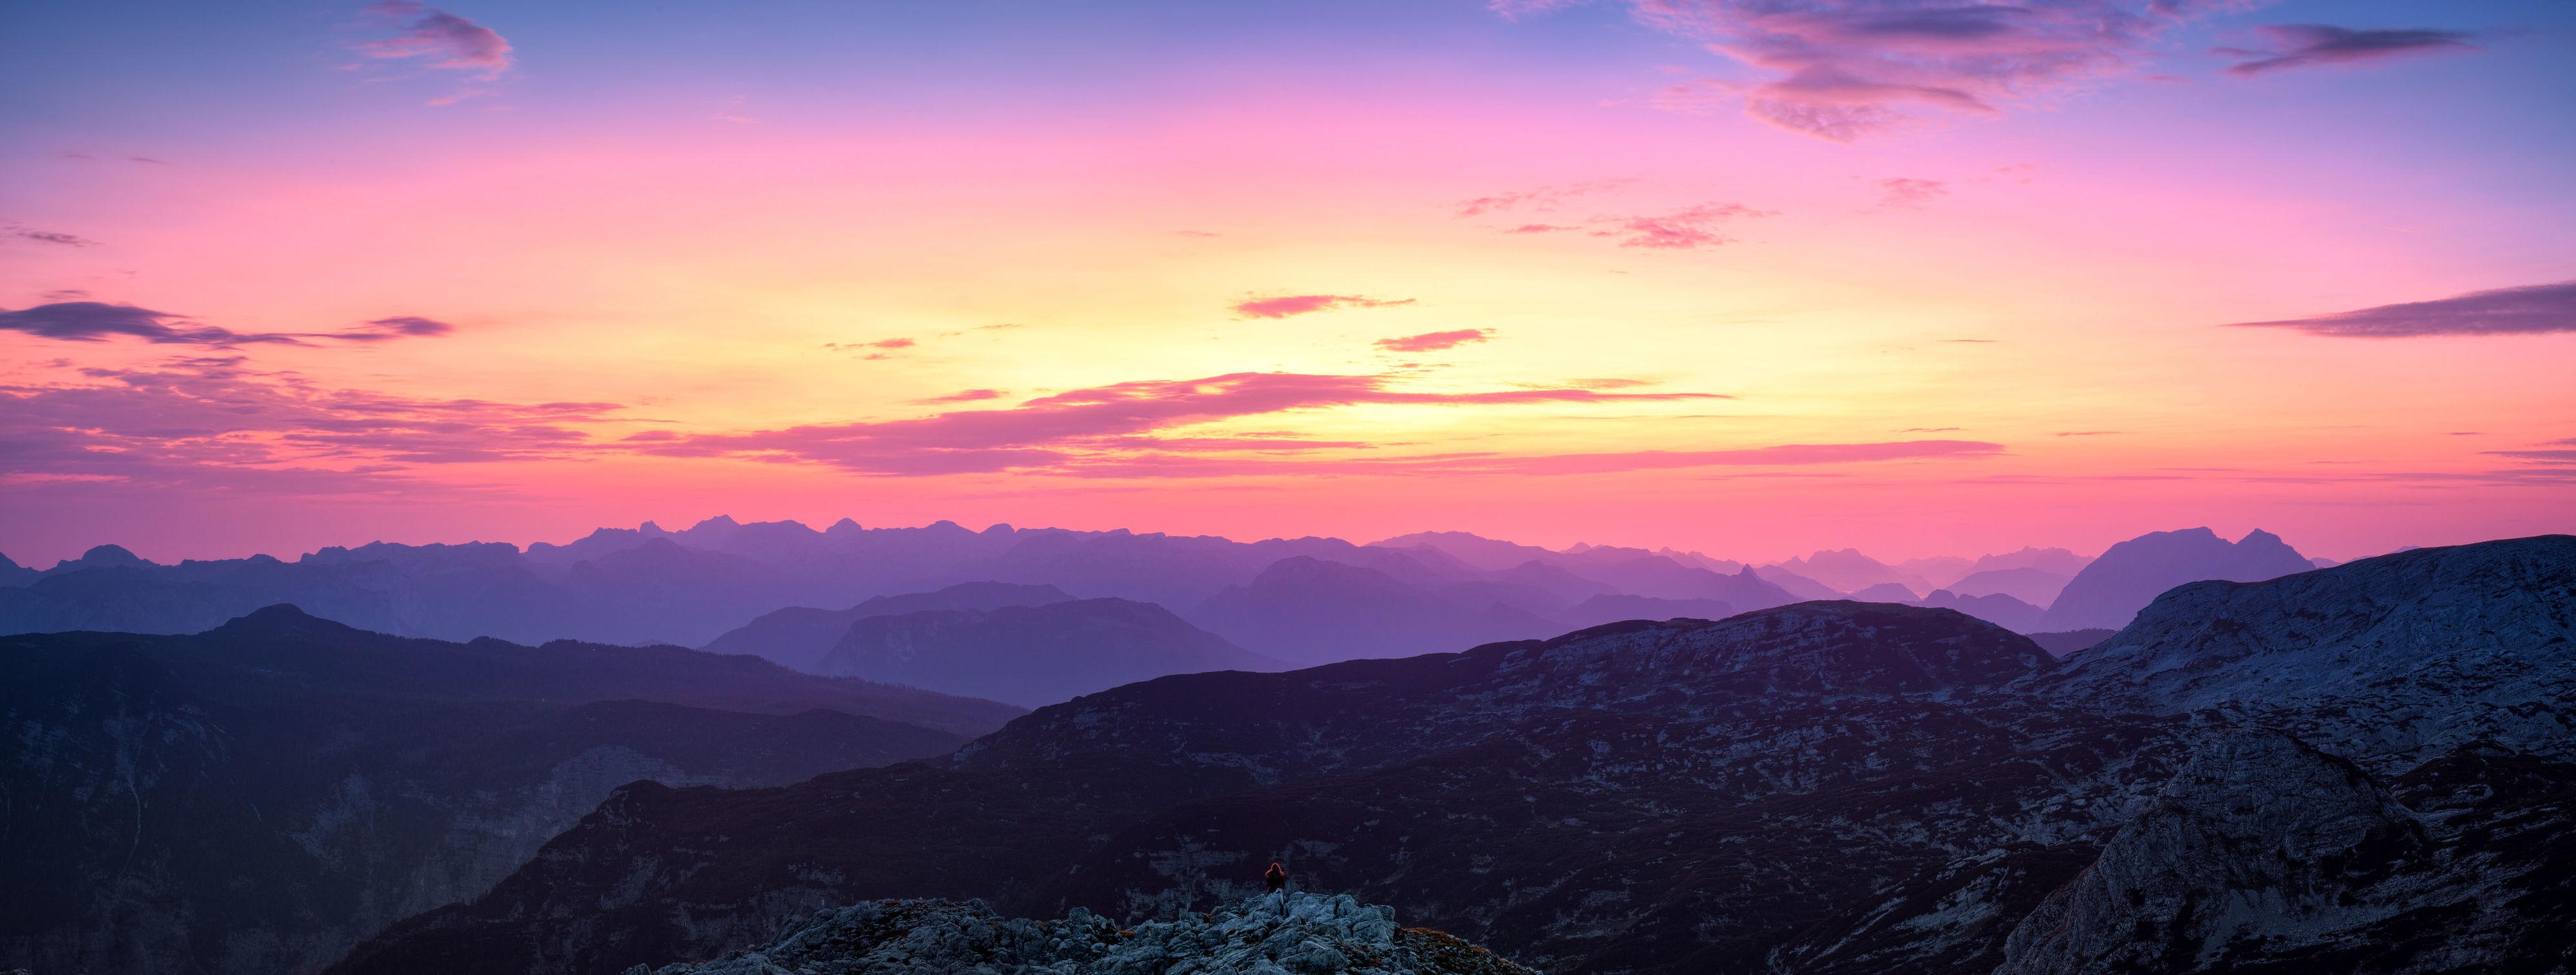 Bild mit Natur, Berge, Sonnenaufgang, Alpen, Landschaft, Sonneuntergang, berg, Gebirge